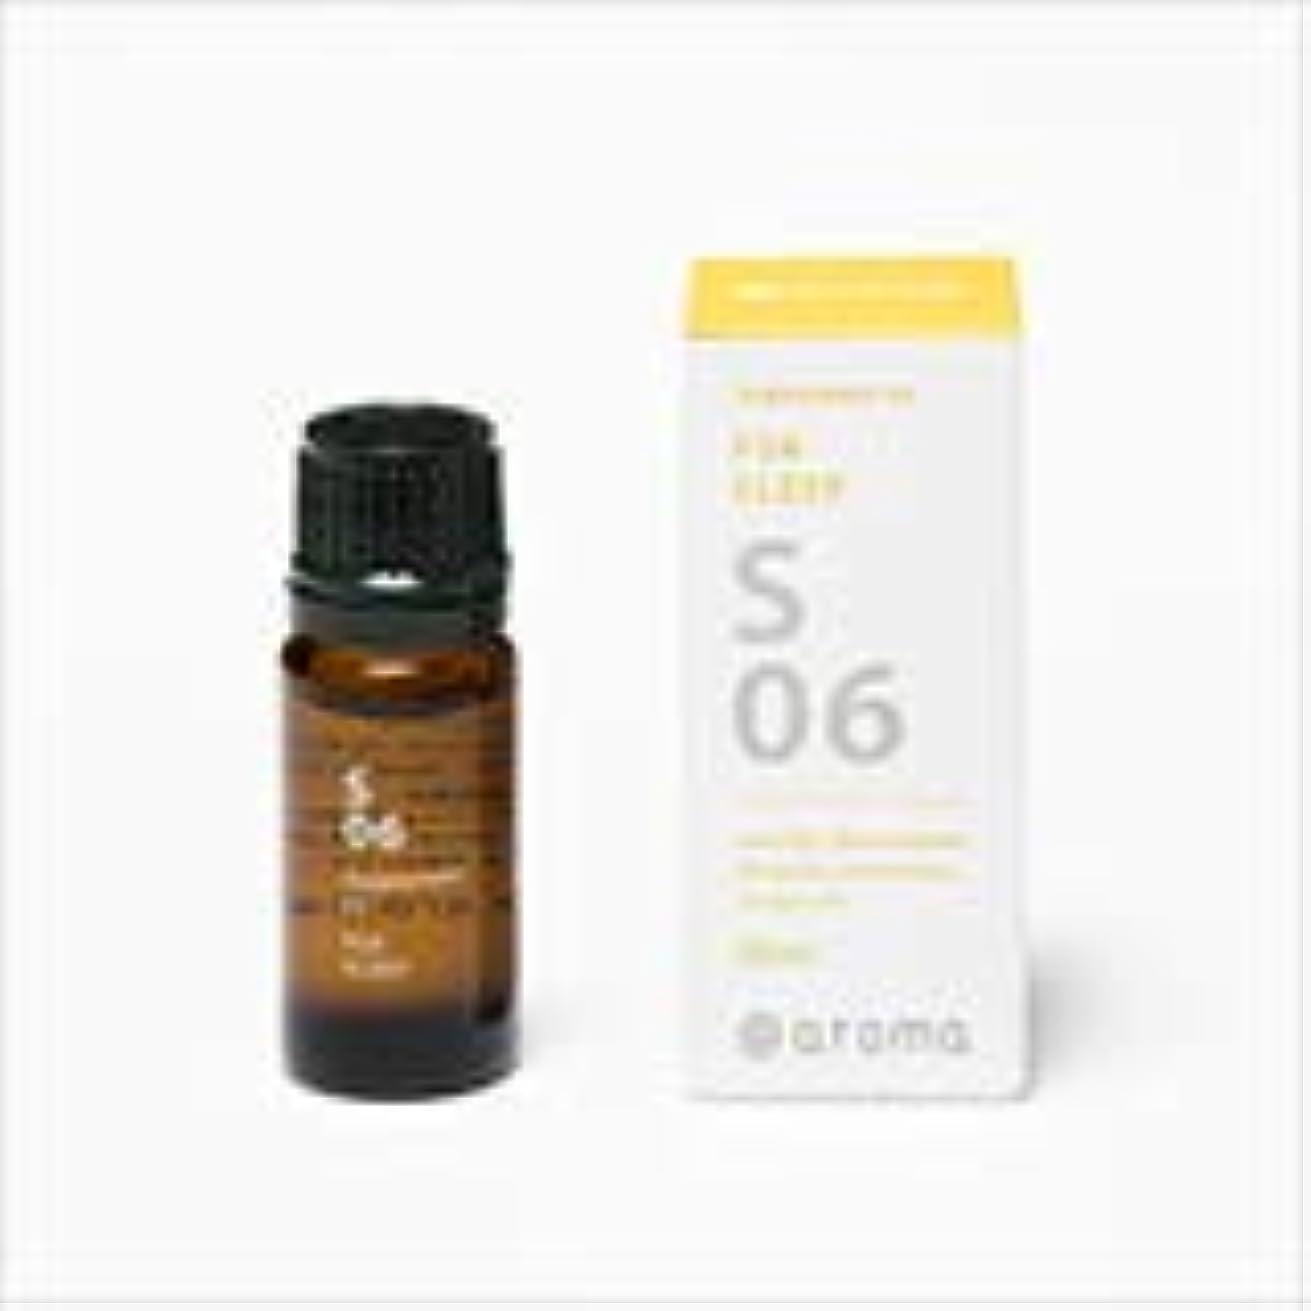 アットアロマ 100%pure essential oil <Supplement air リラックス&ビューティー>